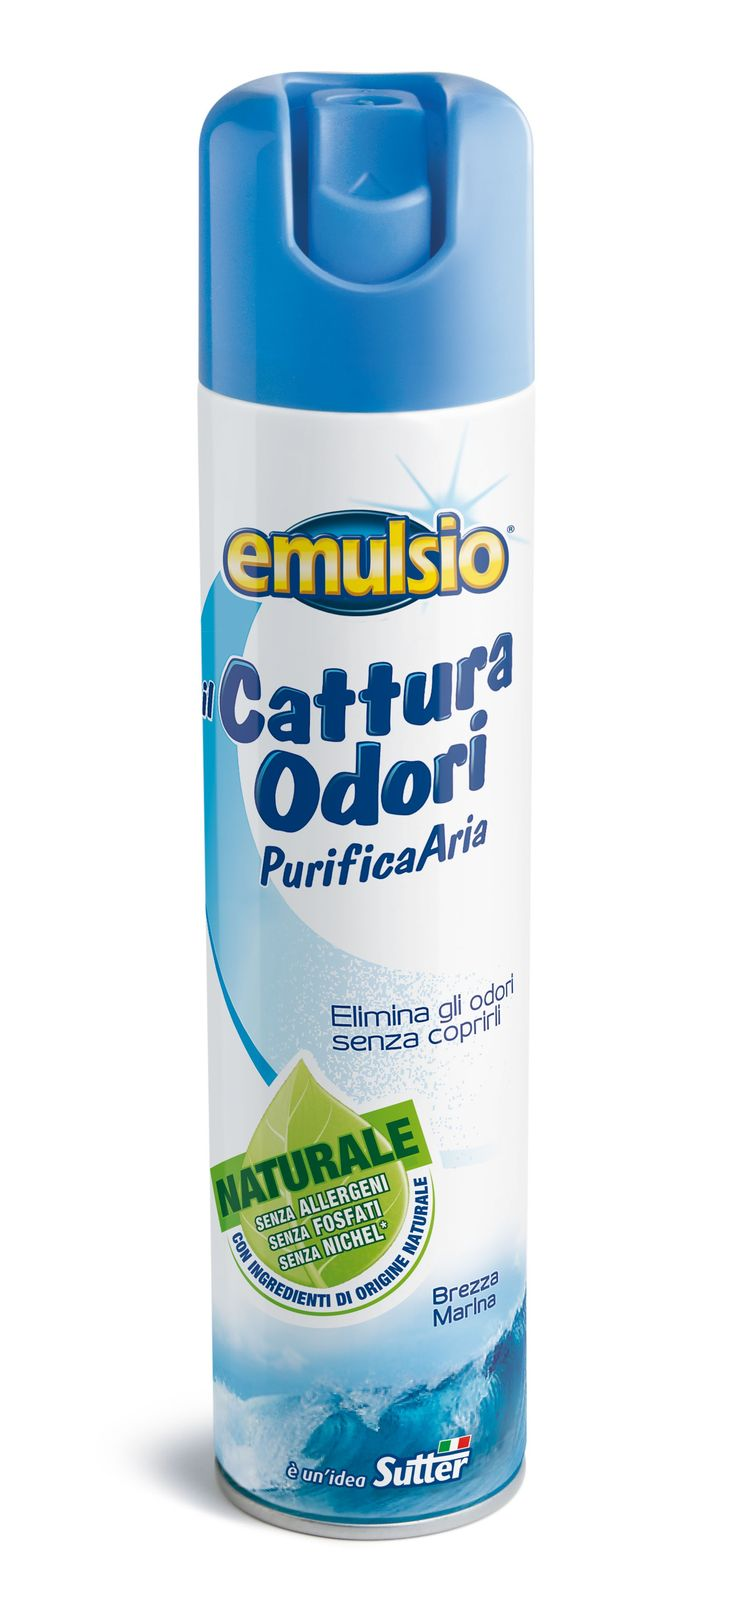 prodotto emulsio emulsio ilcatturaodori spray neutralizza tutti i cattivi odori di casa senza coprirli la